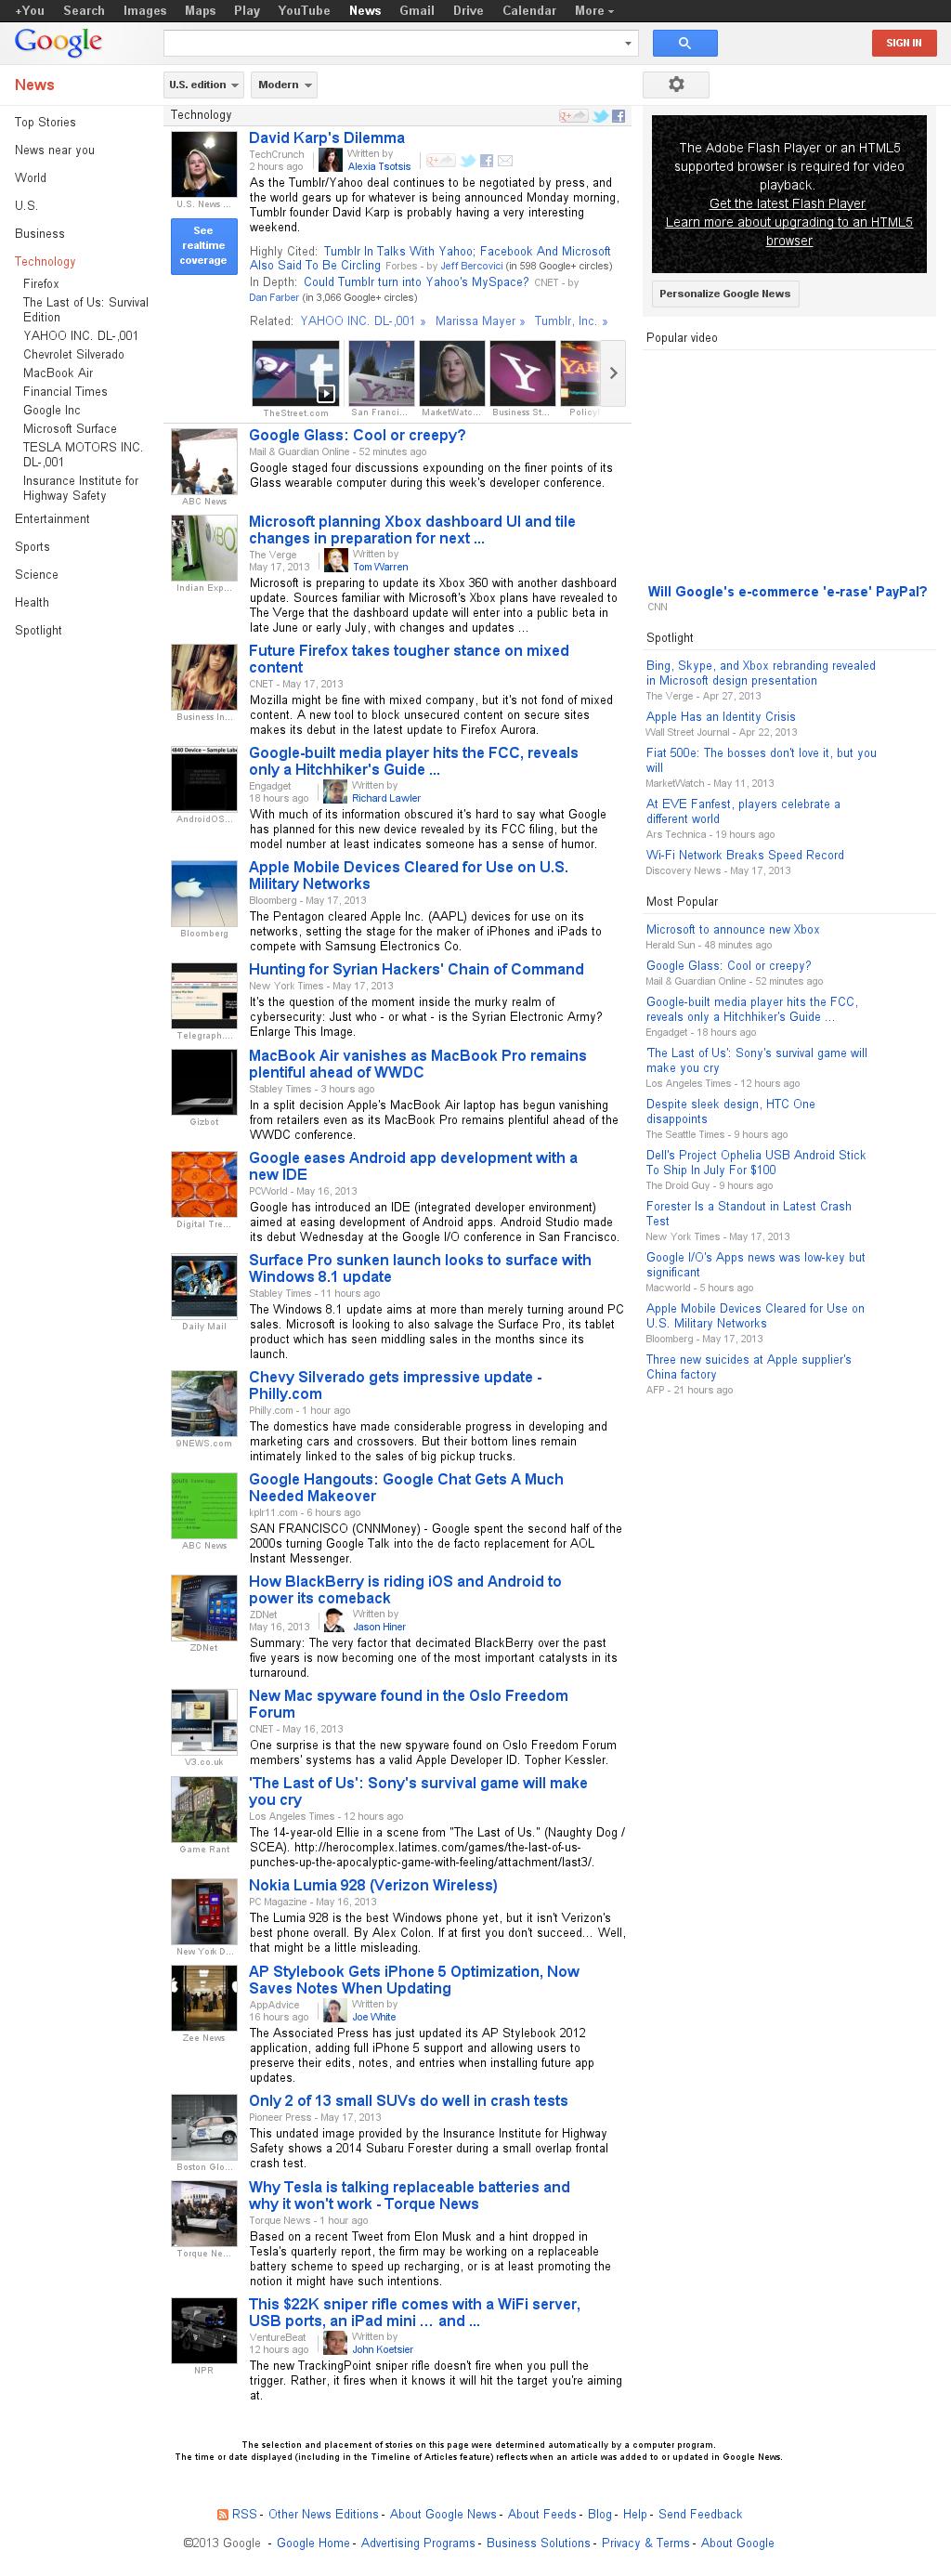 Google News: Technology at Sunday May 19, 2013, 8:07 a.m. UTC